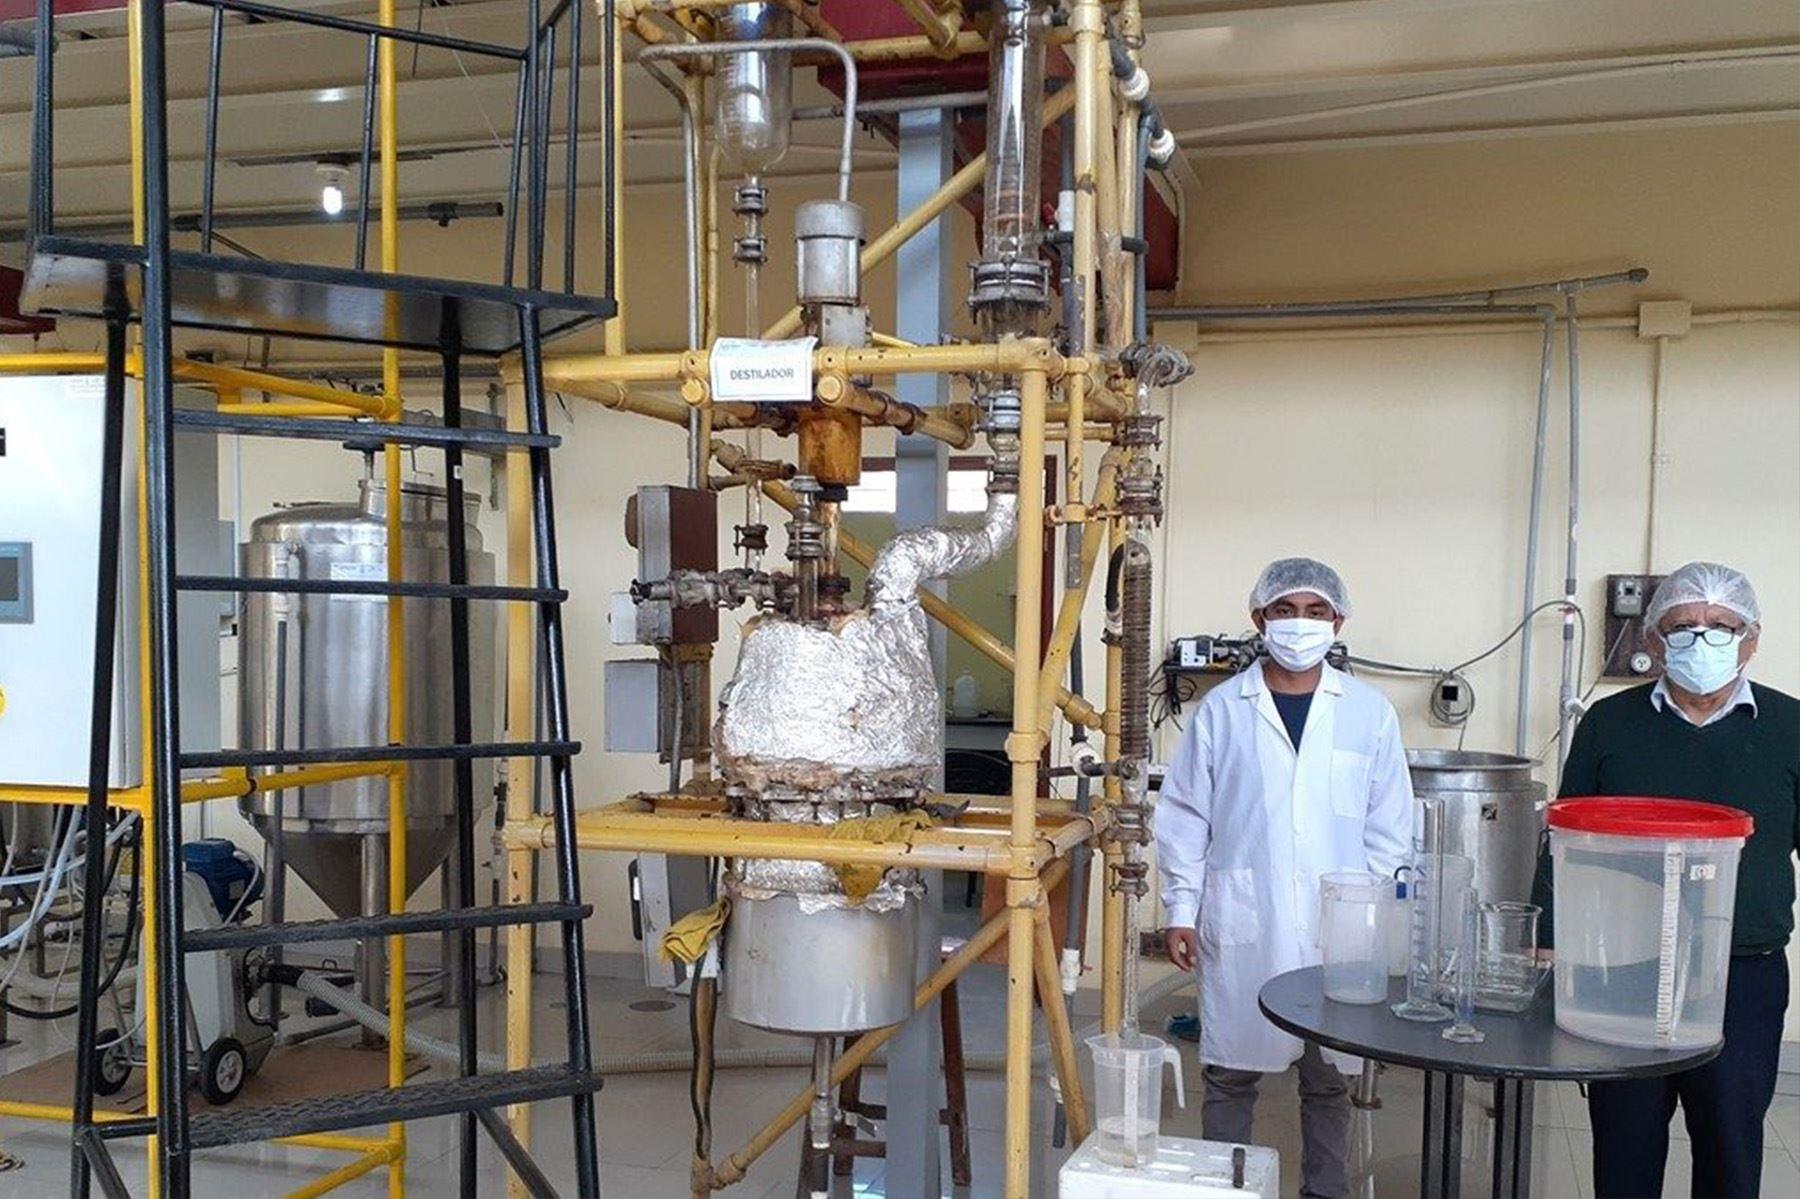 Coronavirus: investigadores de la UNI producen su propio alcohol medicinal y alcohol gel | Noticias